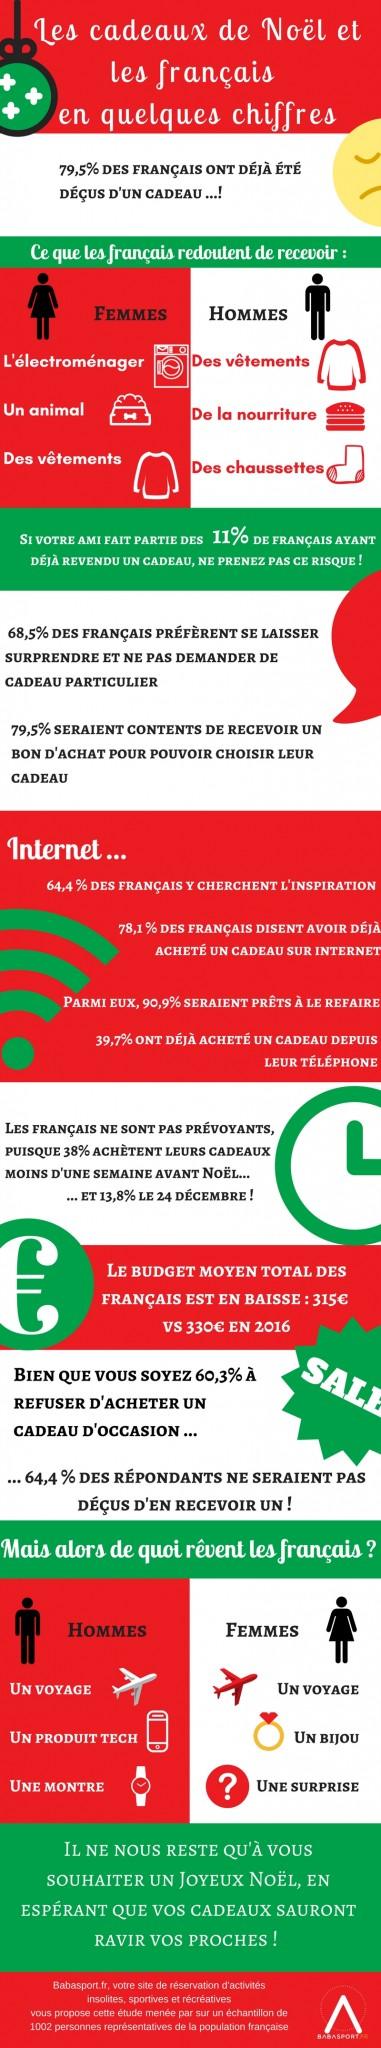 Etude menée par Babasport.fr, votre site de réservation d'activités insolites, sportives et récréatives sur un échantillon de 450 personnes représentatives de la population française (2)